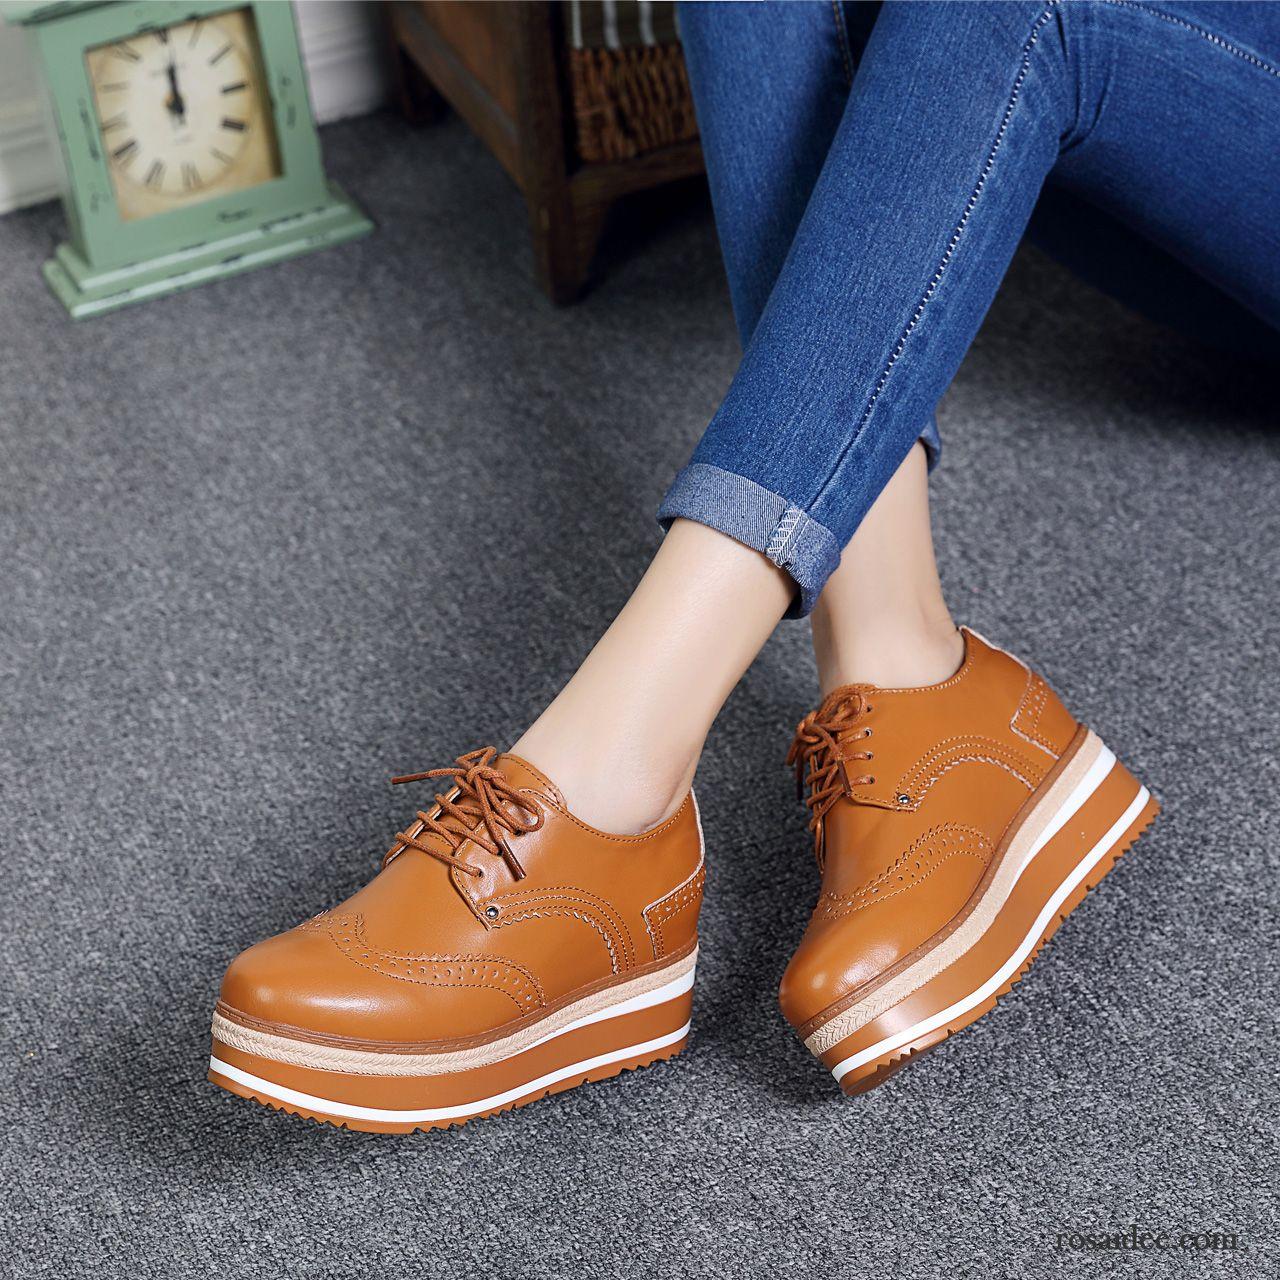 beste Qualität Offizielle Website letzte Veröffentlichung Italienische Schuhe Marken Dicke Sohle Erhöht Feder Damen ...